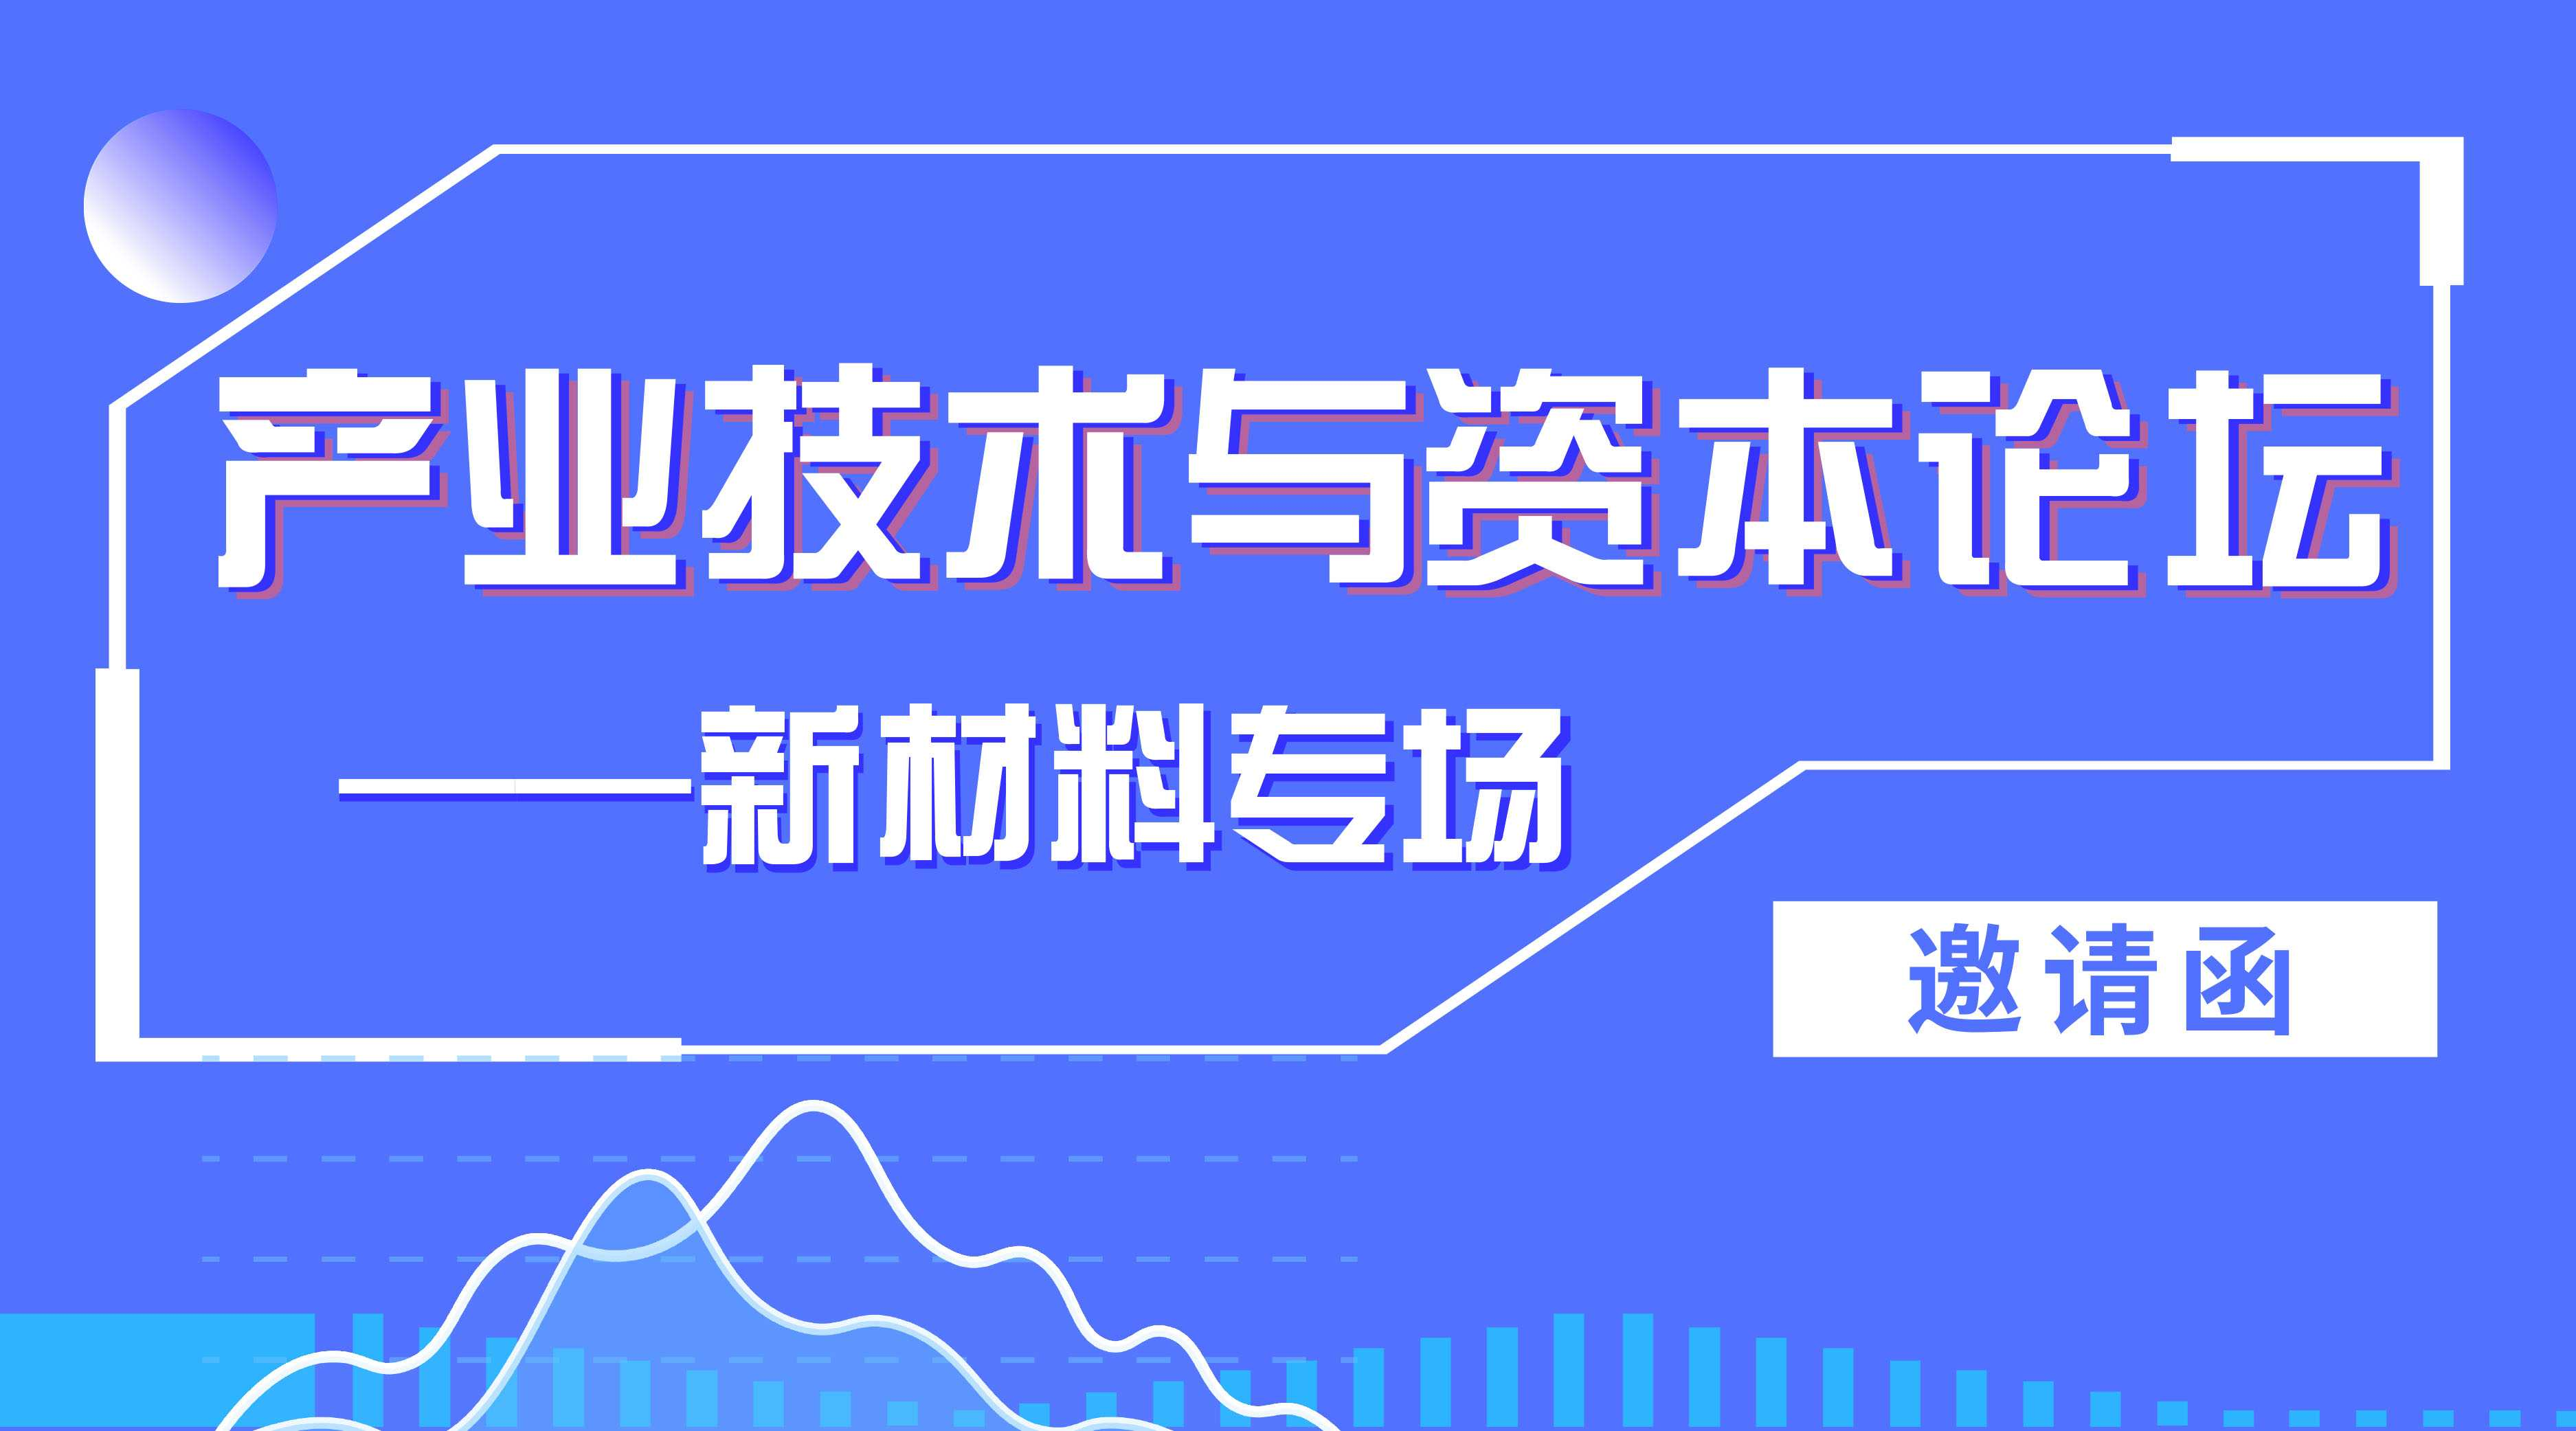 【视频回顾】产业技术与资本论坛(新材料专场)邀请函—哈尔滨市创业创新系列服务活动之(十六)